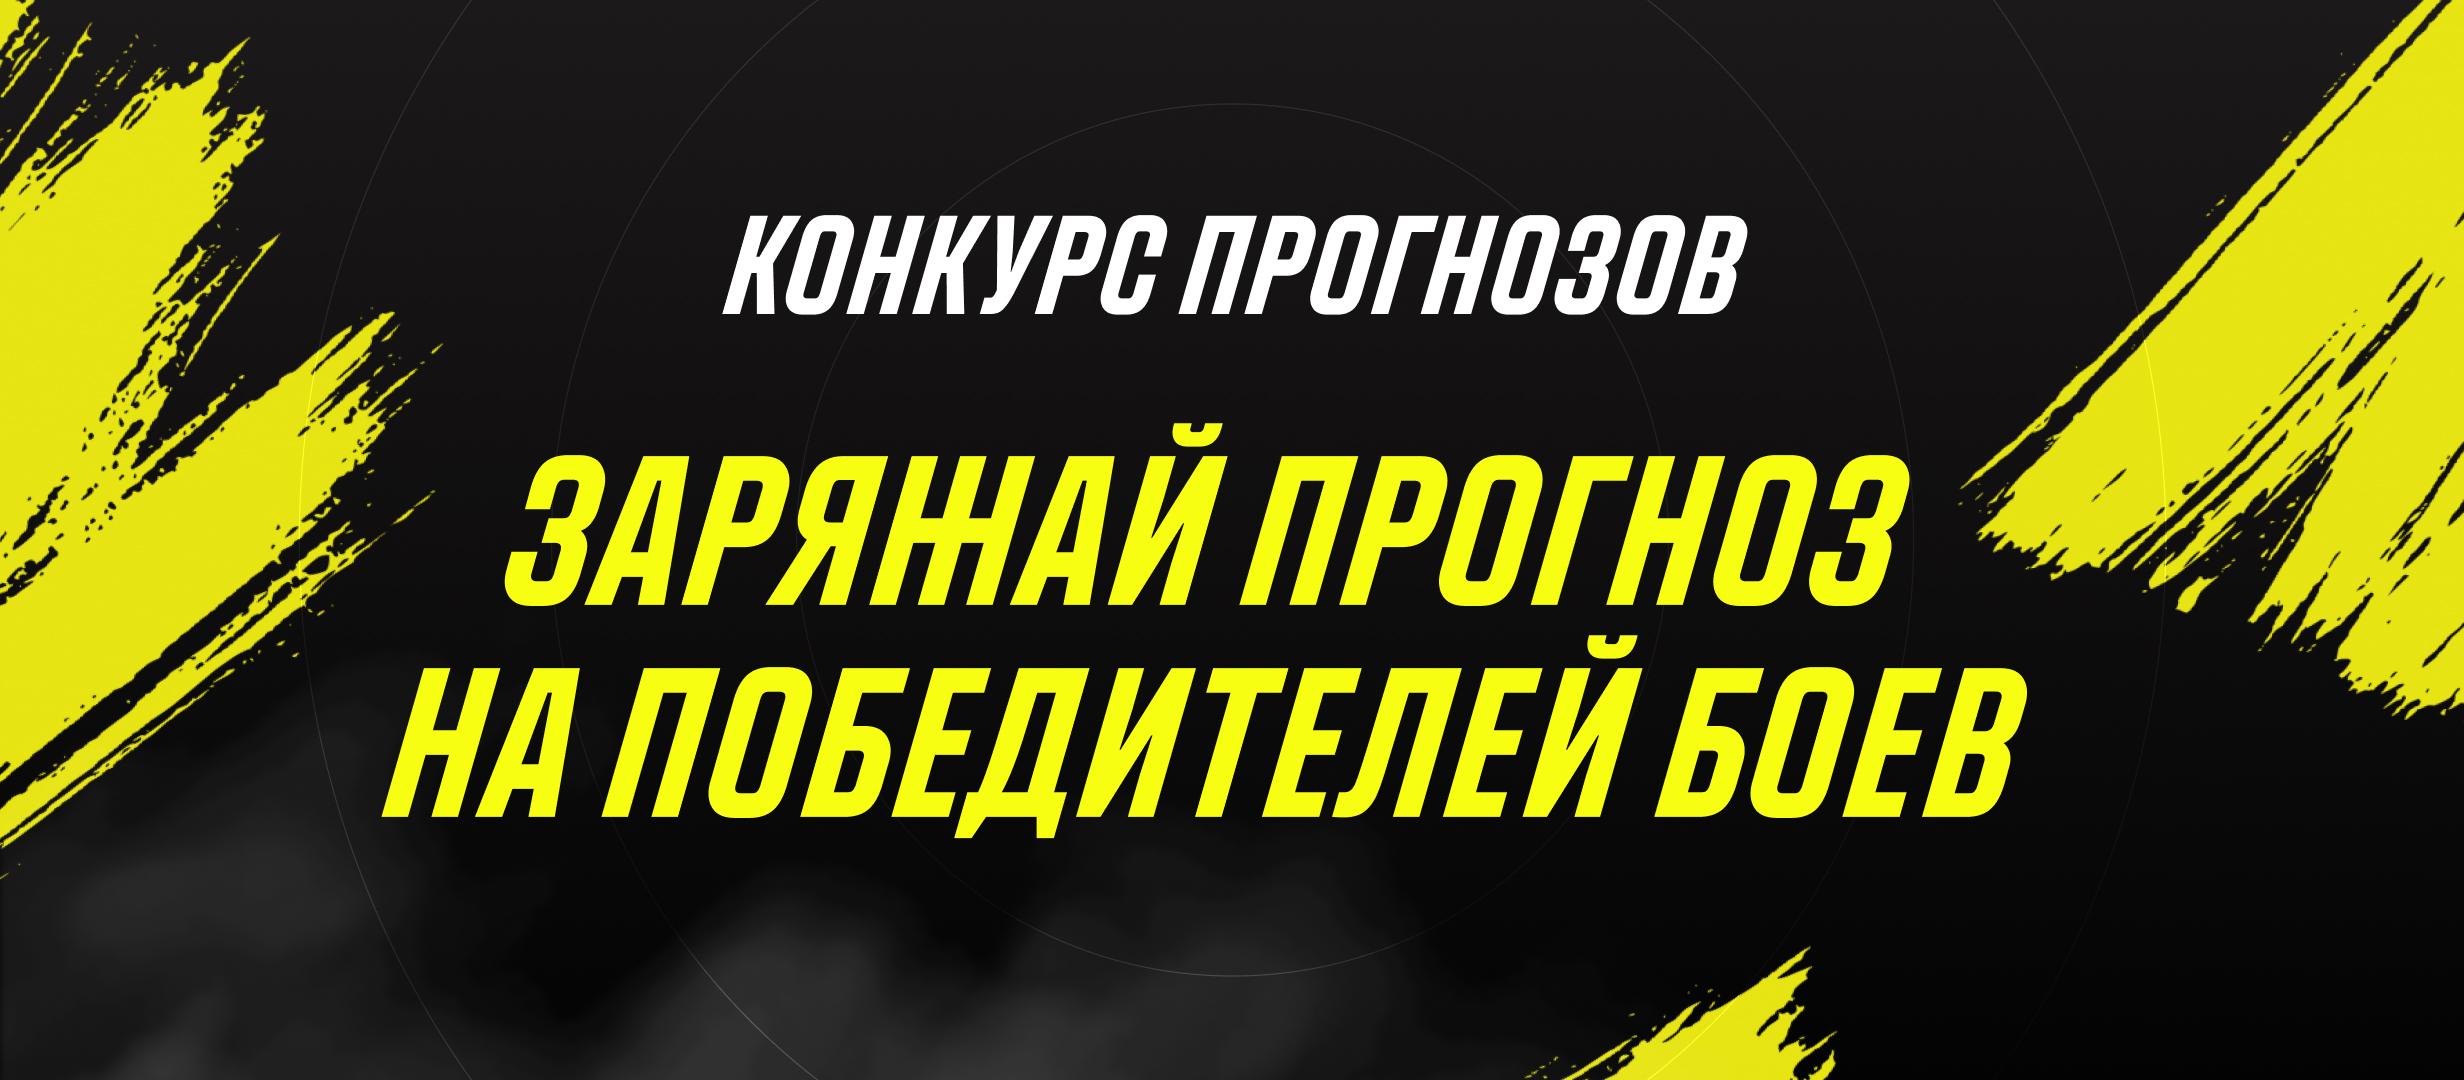 Кеш-бонус от Париматч 500000 ₸.